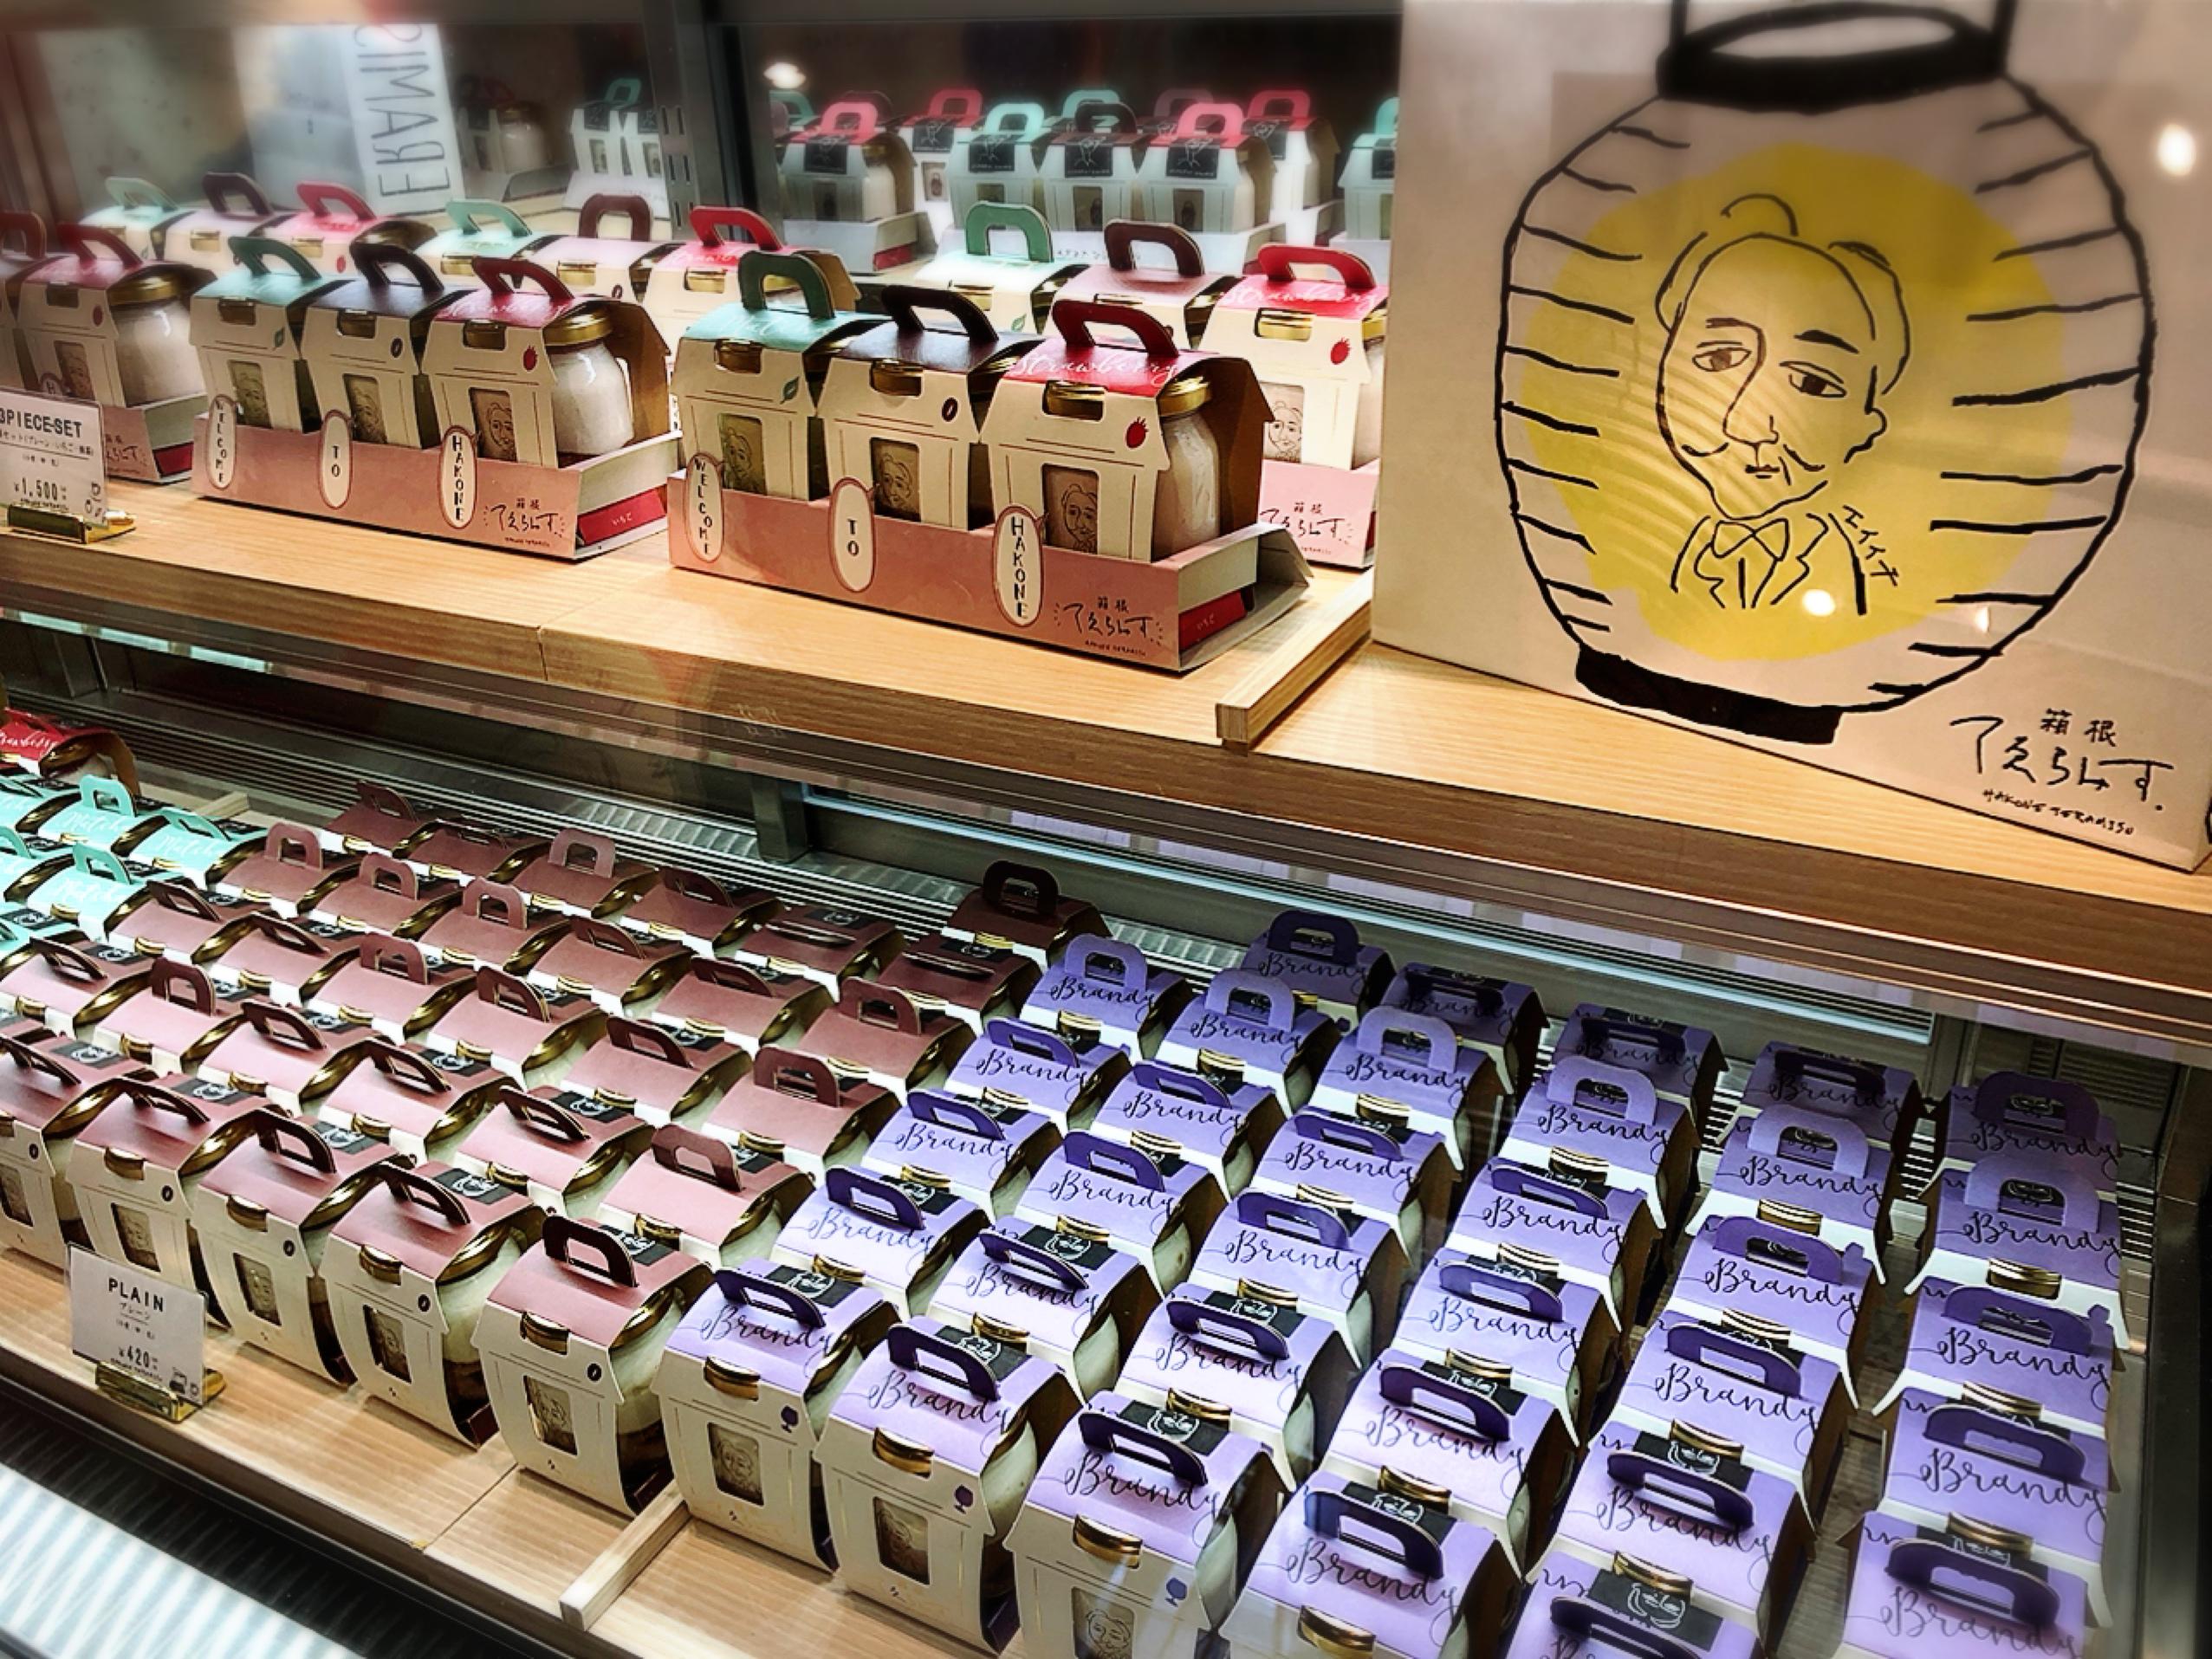 【#箱根】2020年夏OPENのティラミス専門店♡箱根湯本の注目新スポットはココ!《箱根てゑらみす》_5